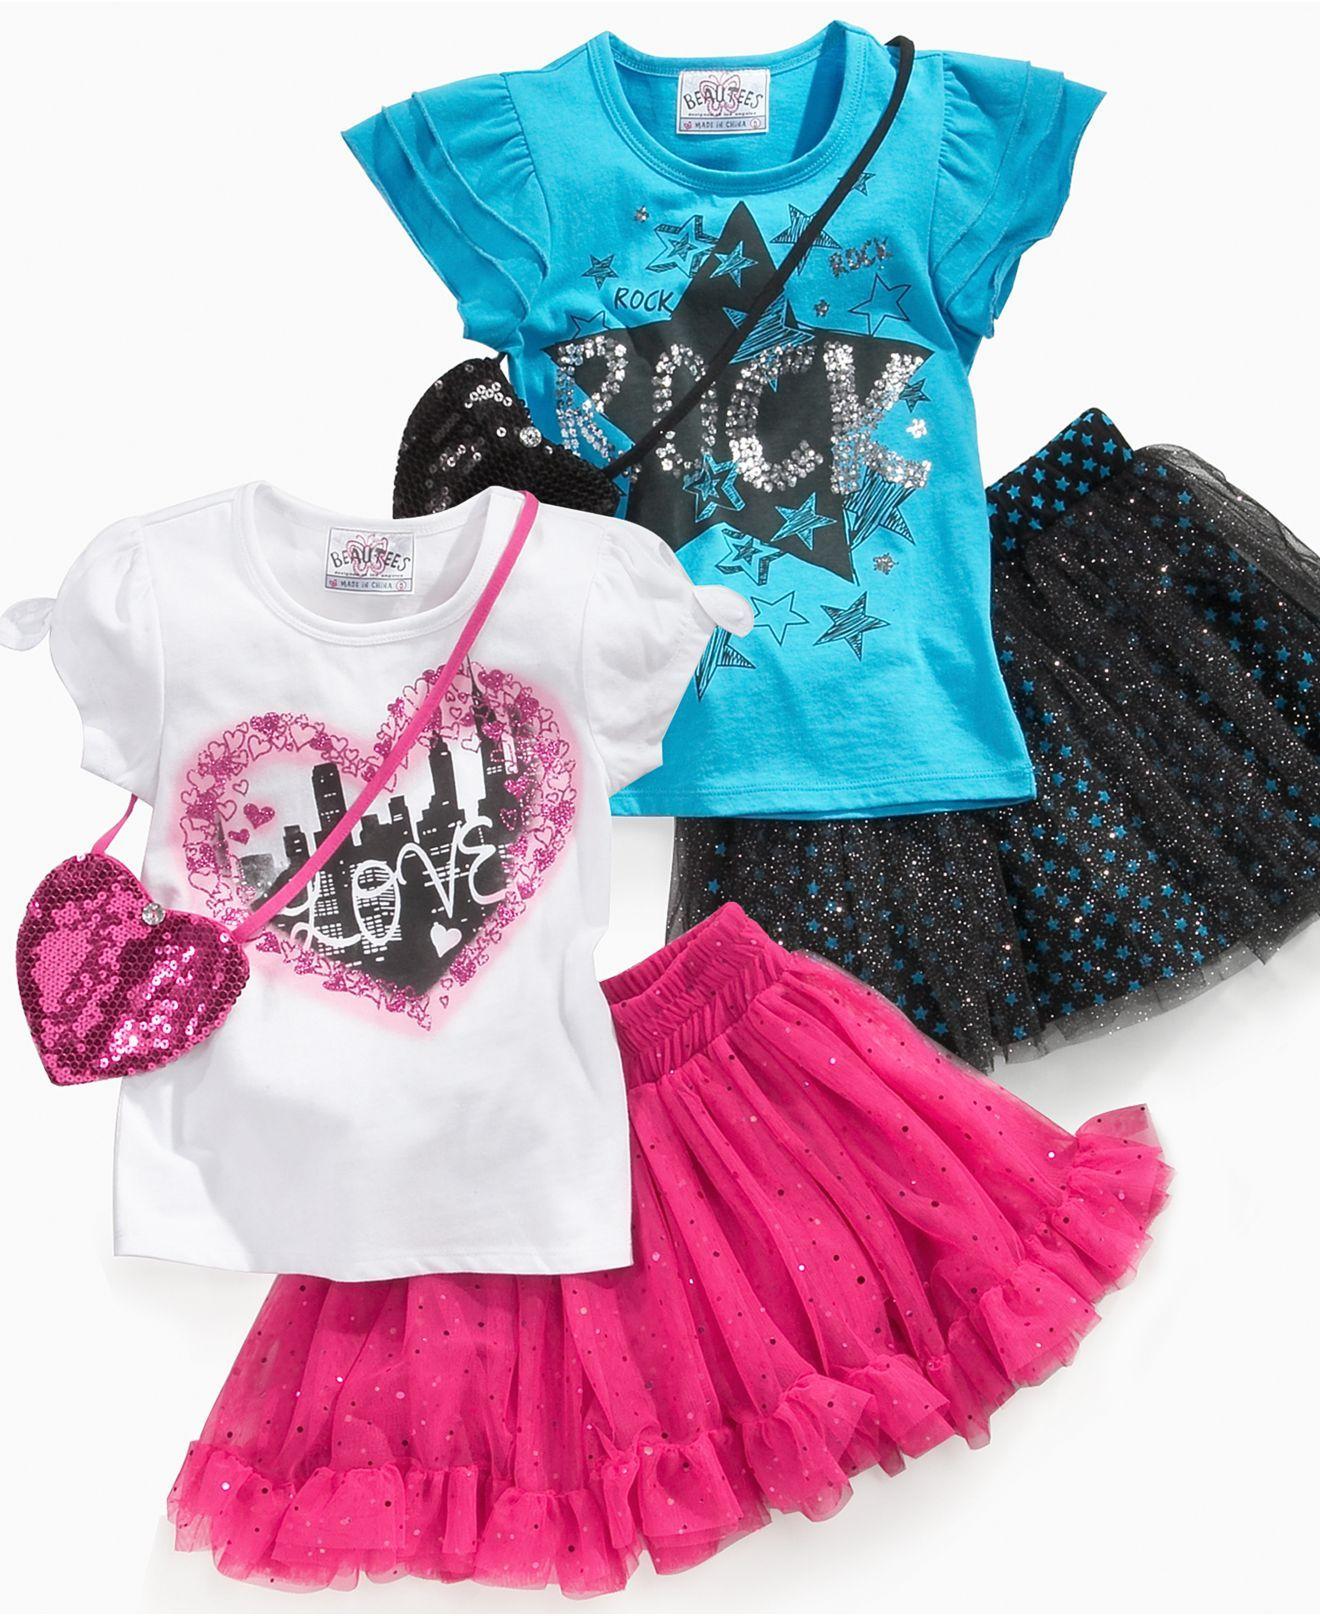 47426cbec371f Beautees Kids Set, Little Girls Shirt and Tutu Skirt with Purse - Kids -  Macy's